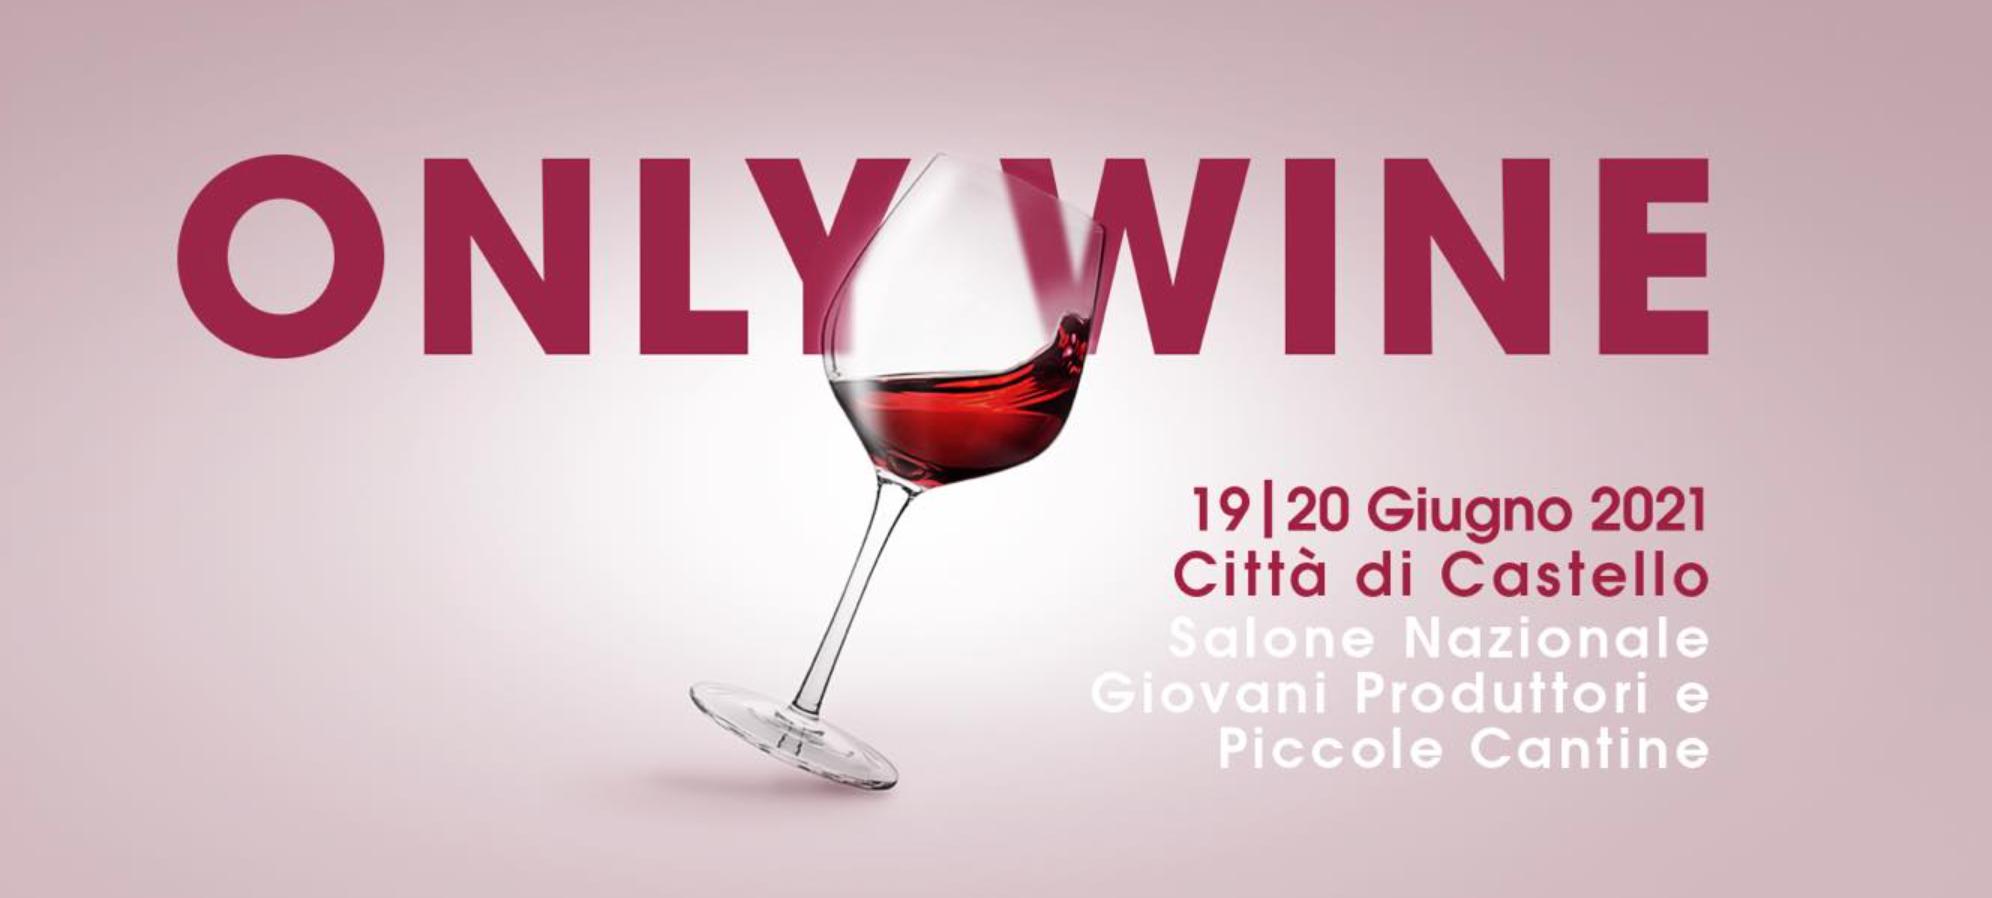 Only Wine Festival 2021 Citta di Castello